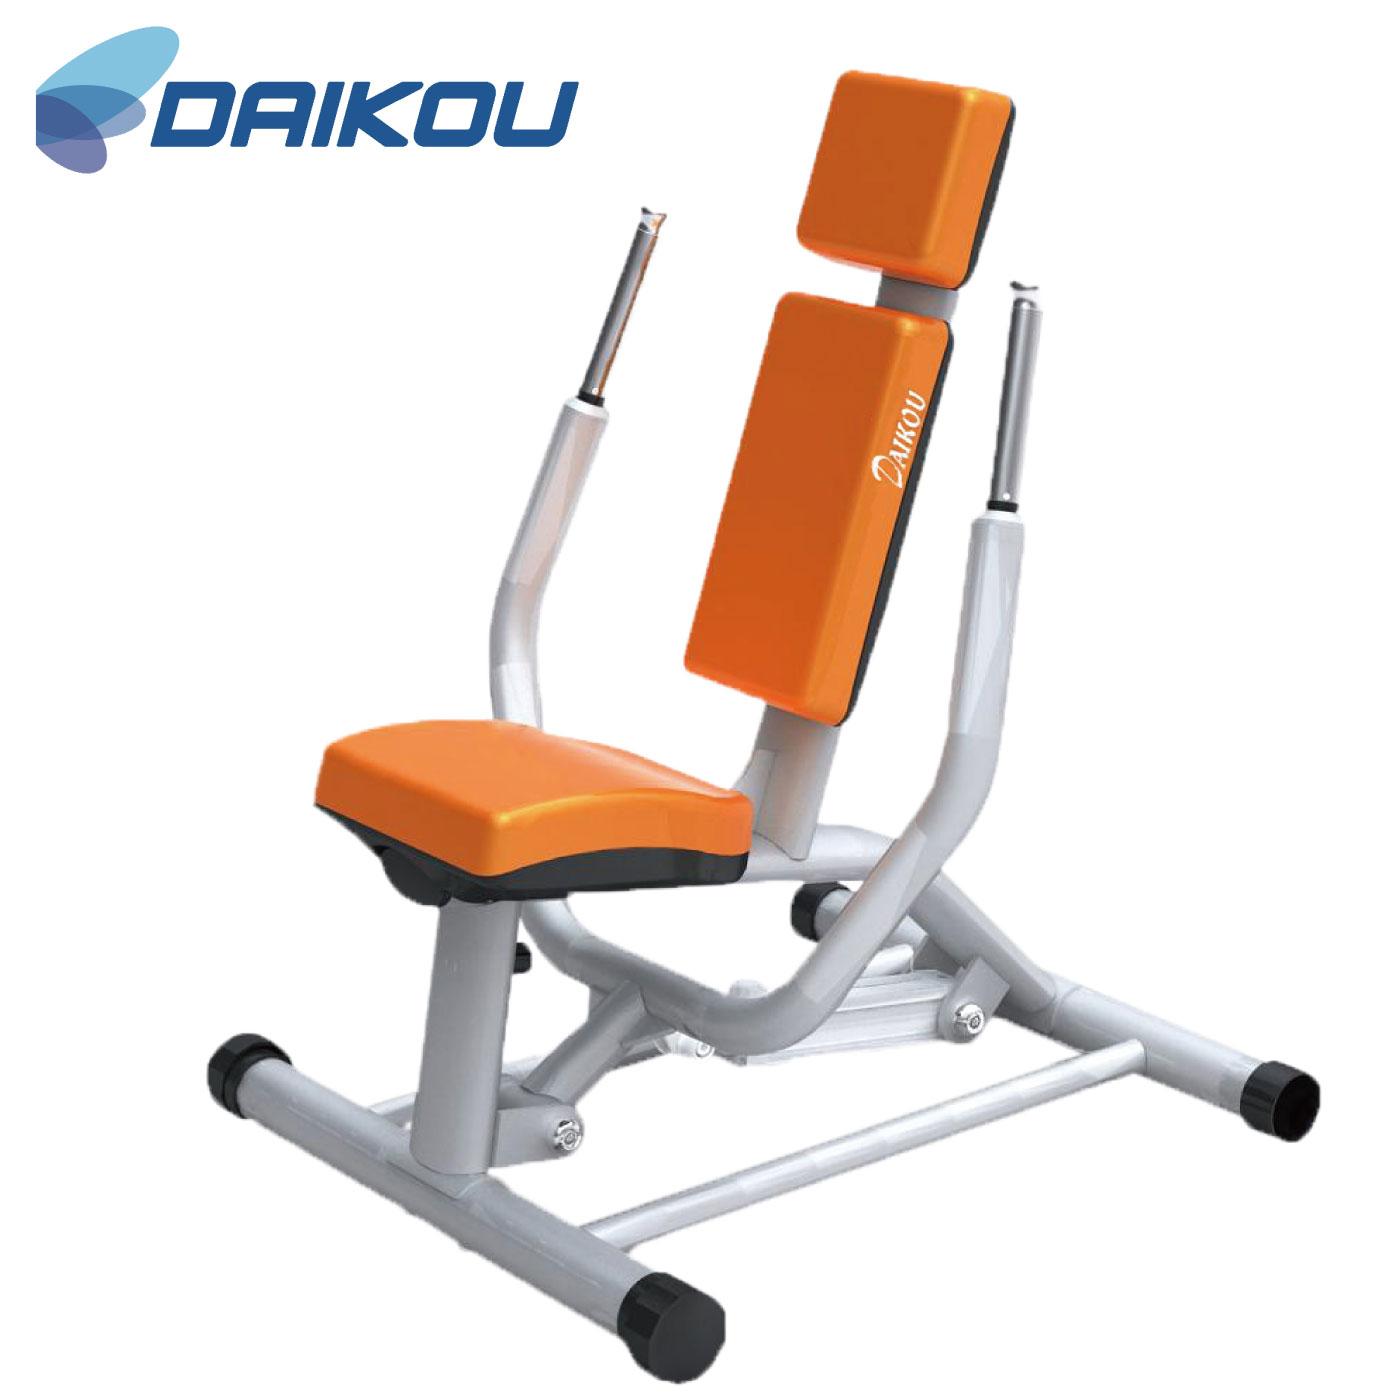 準業務用の油圧マシン「DK-1201」